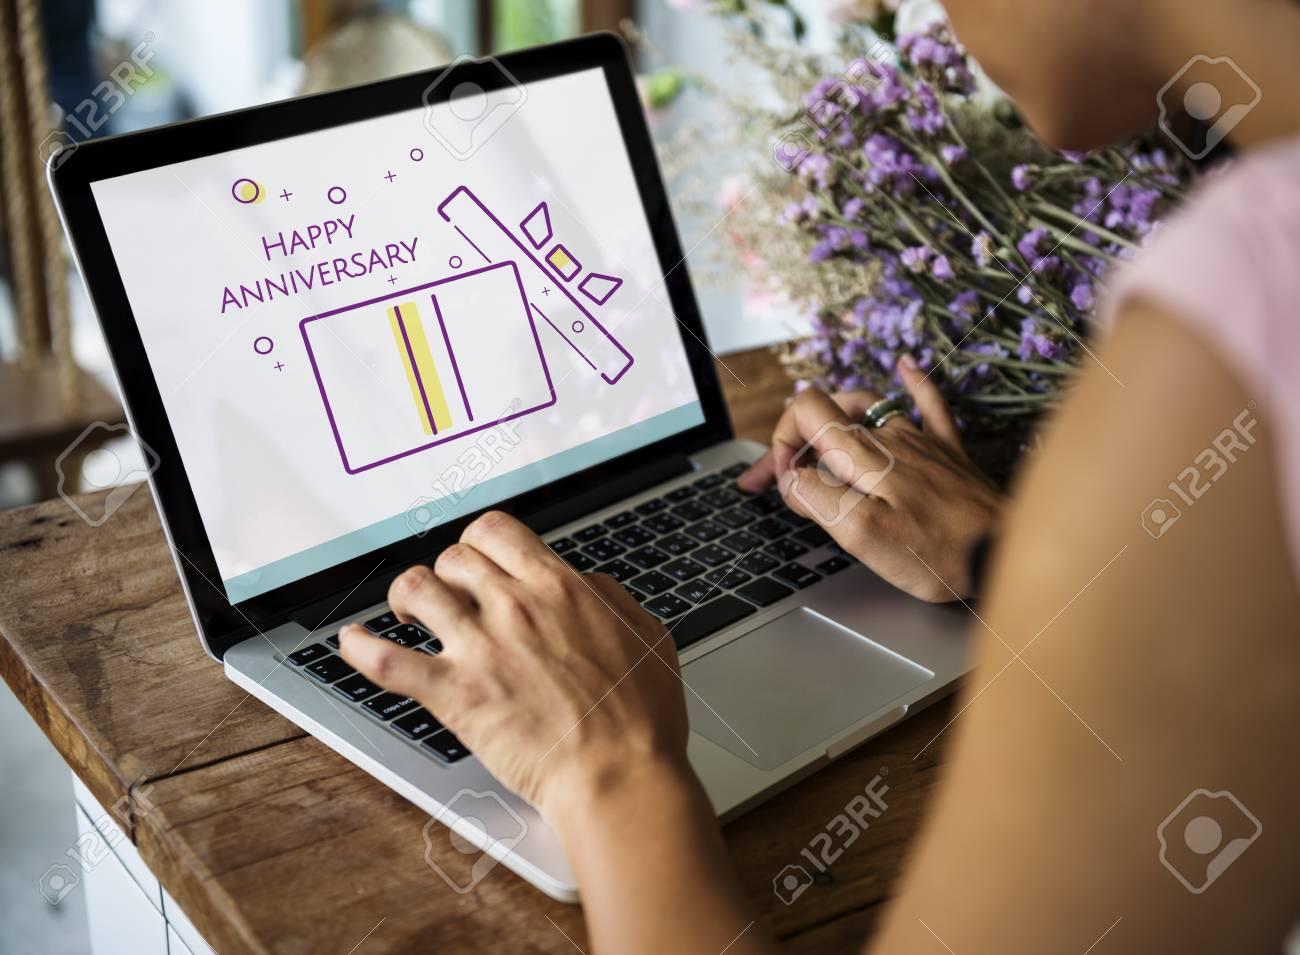 happy anniversary laptop